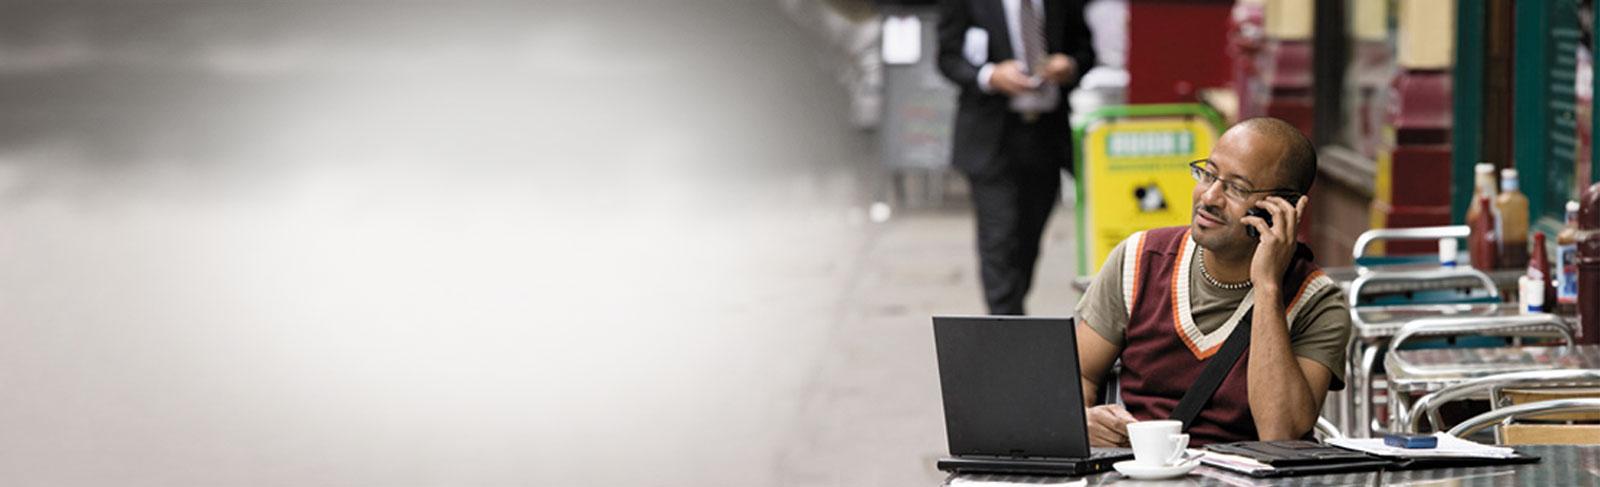 En man med sin telefon och bärbara dator på ett kafé – han använder företags-e-post via Exchange Server 2013.